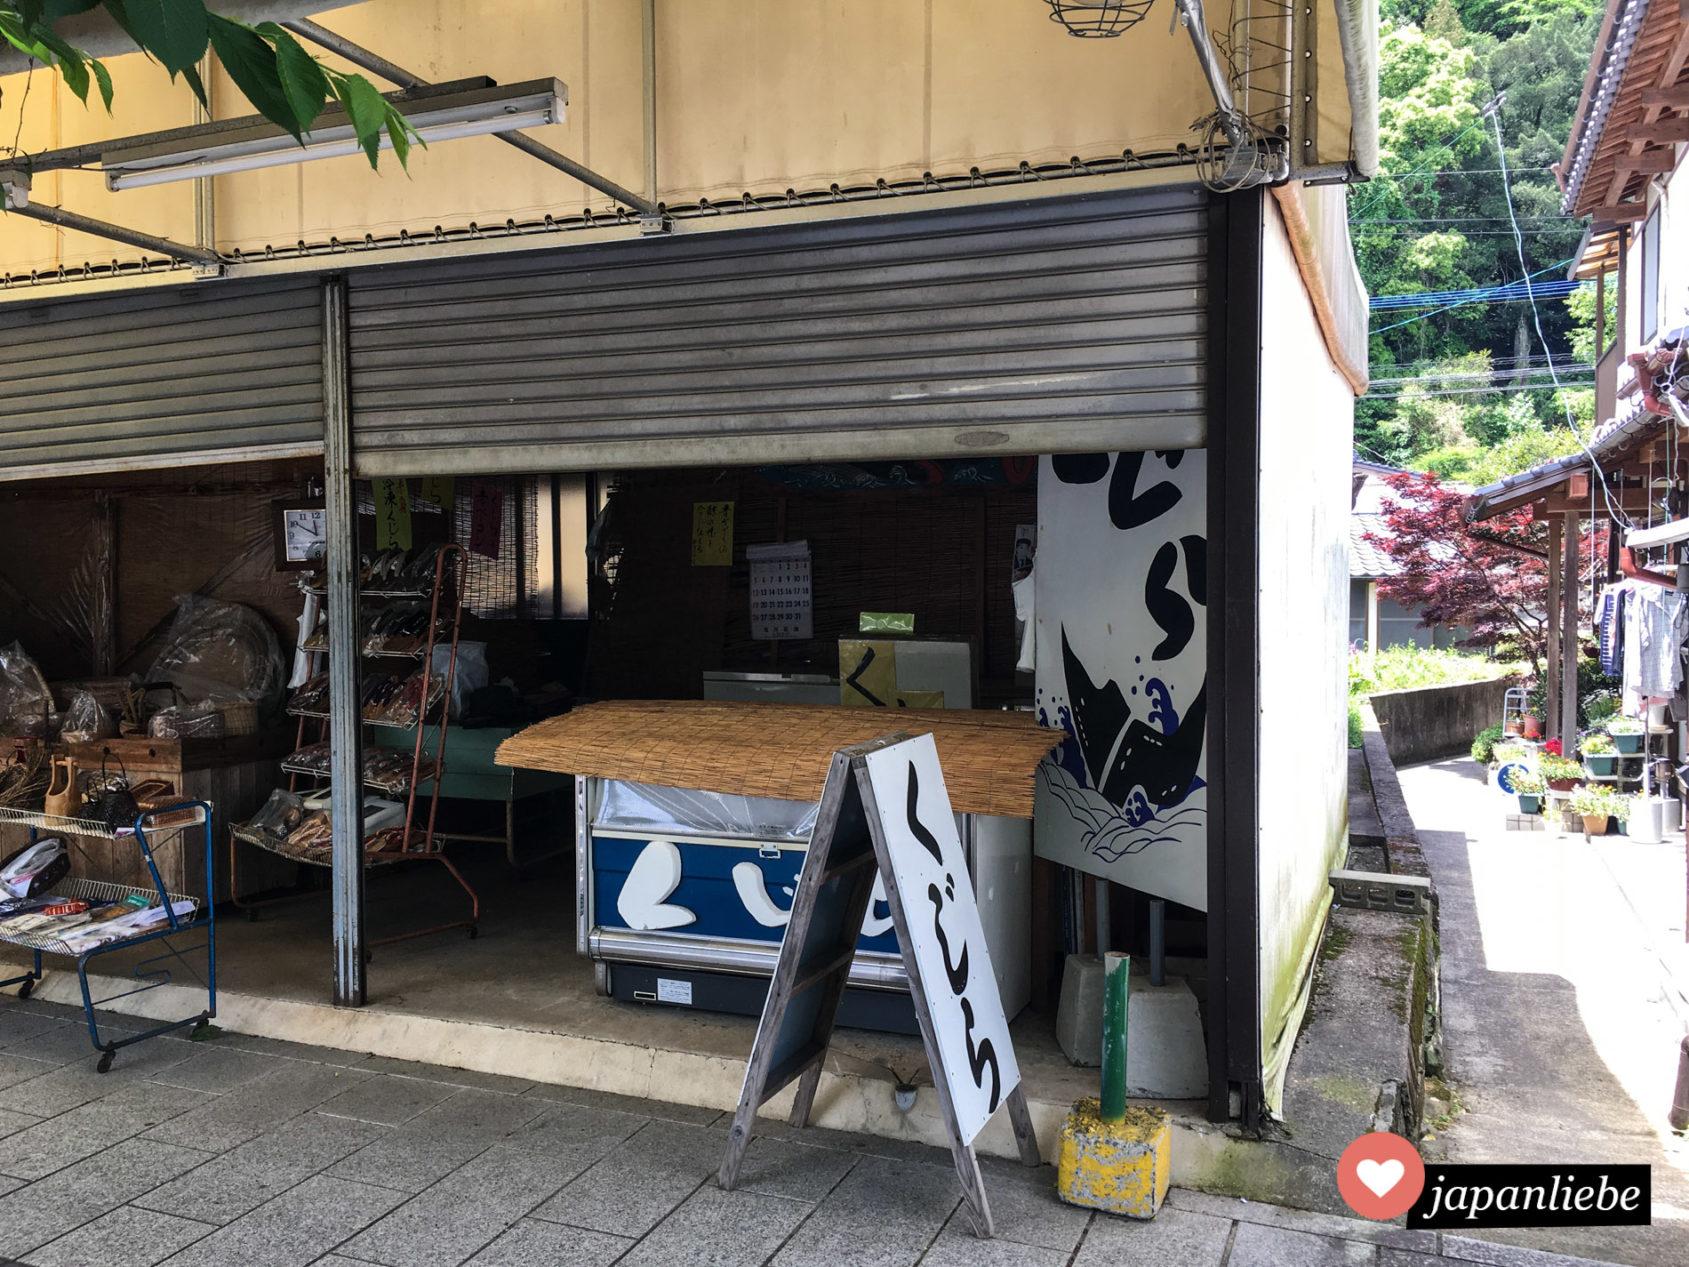 Ein Verkaufsstand für Walfleisch in Kashima, Japan.